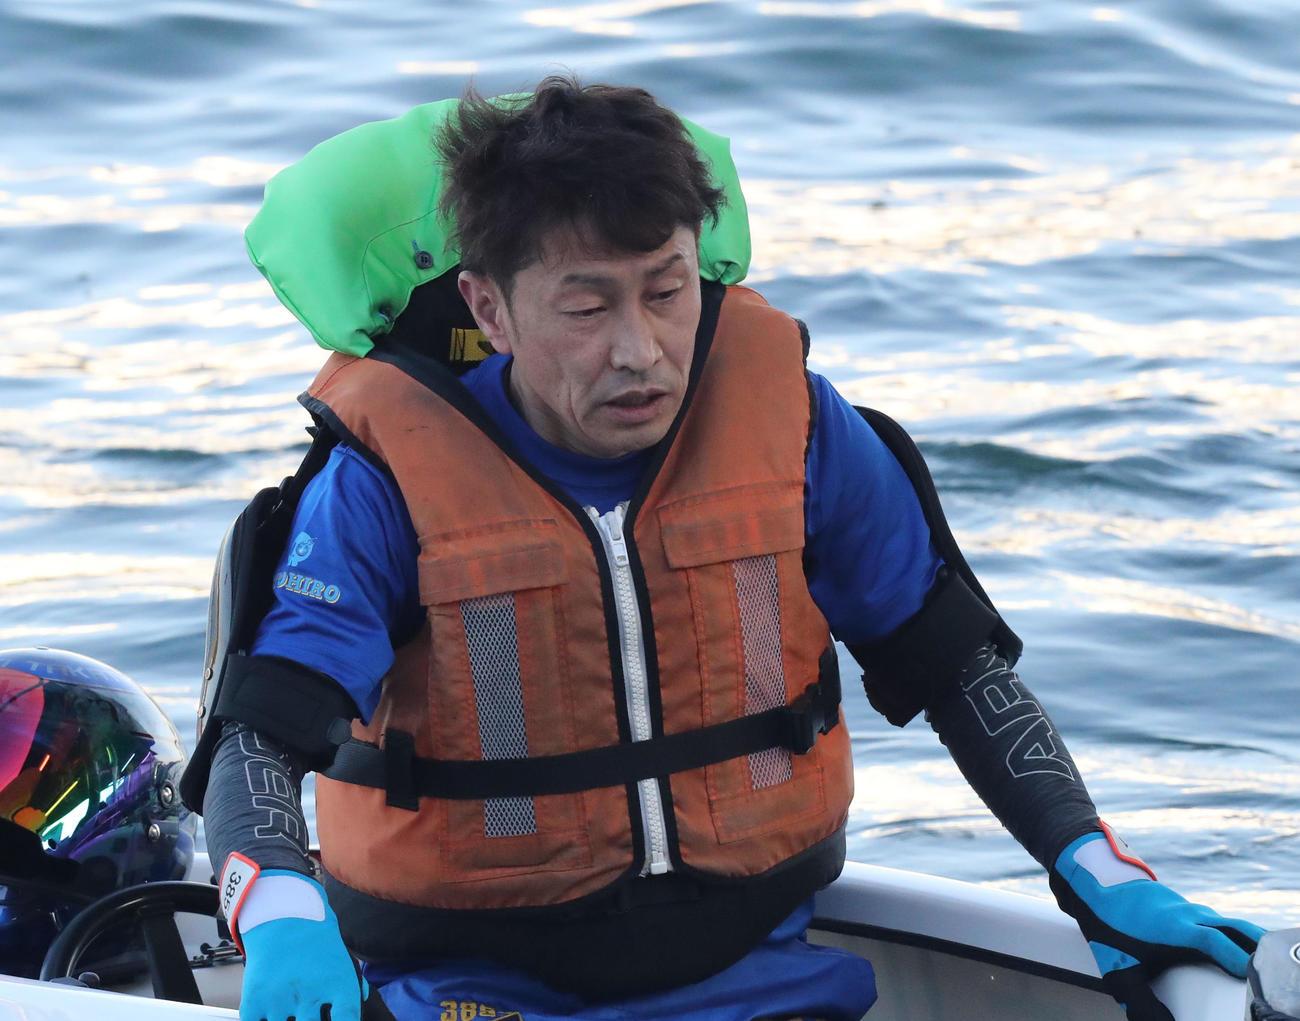 吉川元浩は伸びに手応えを感じたが、ペラ調整に悩む(撮影・屋方直哉)